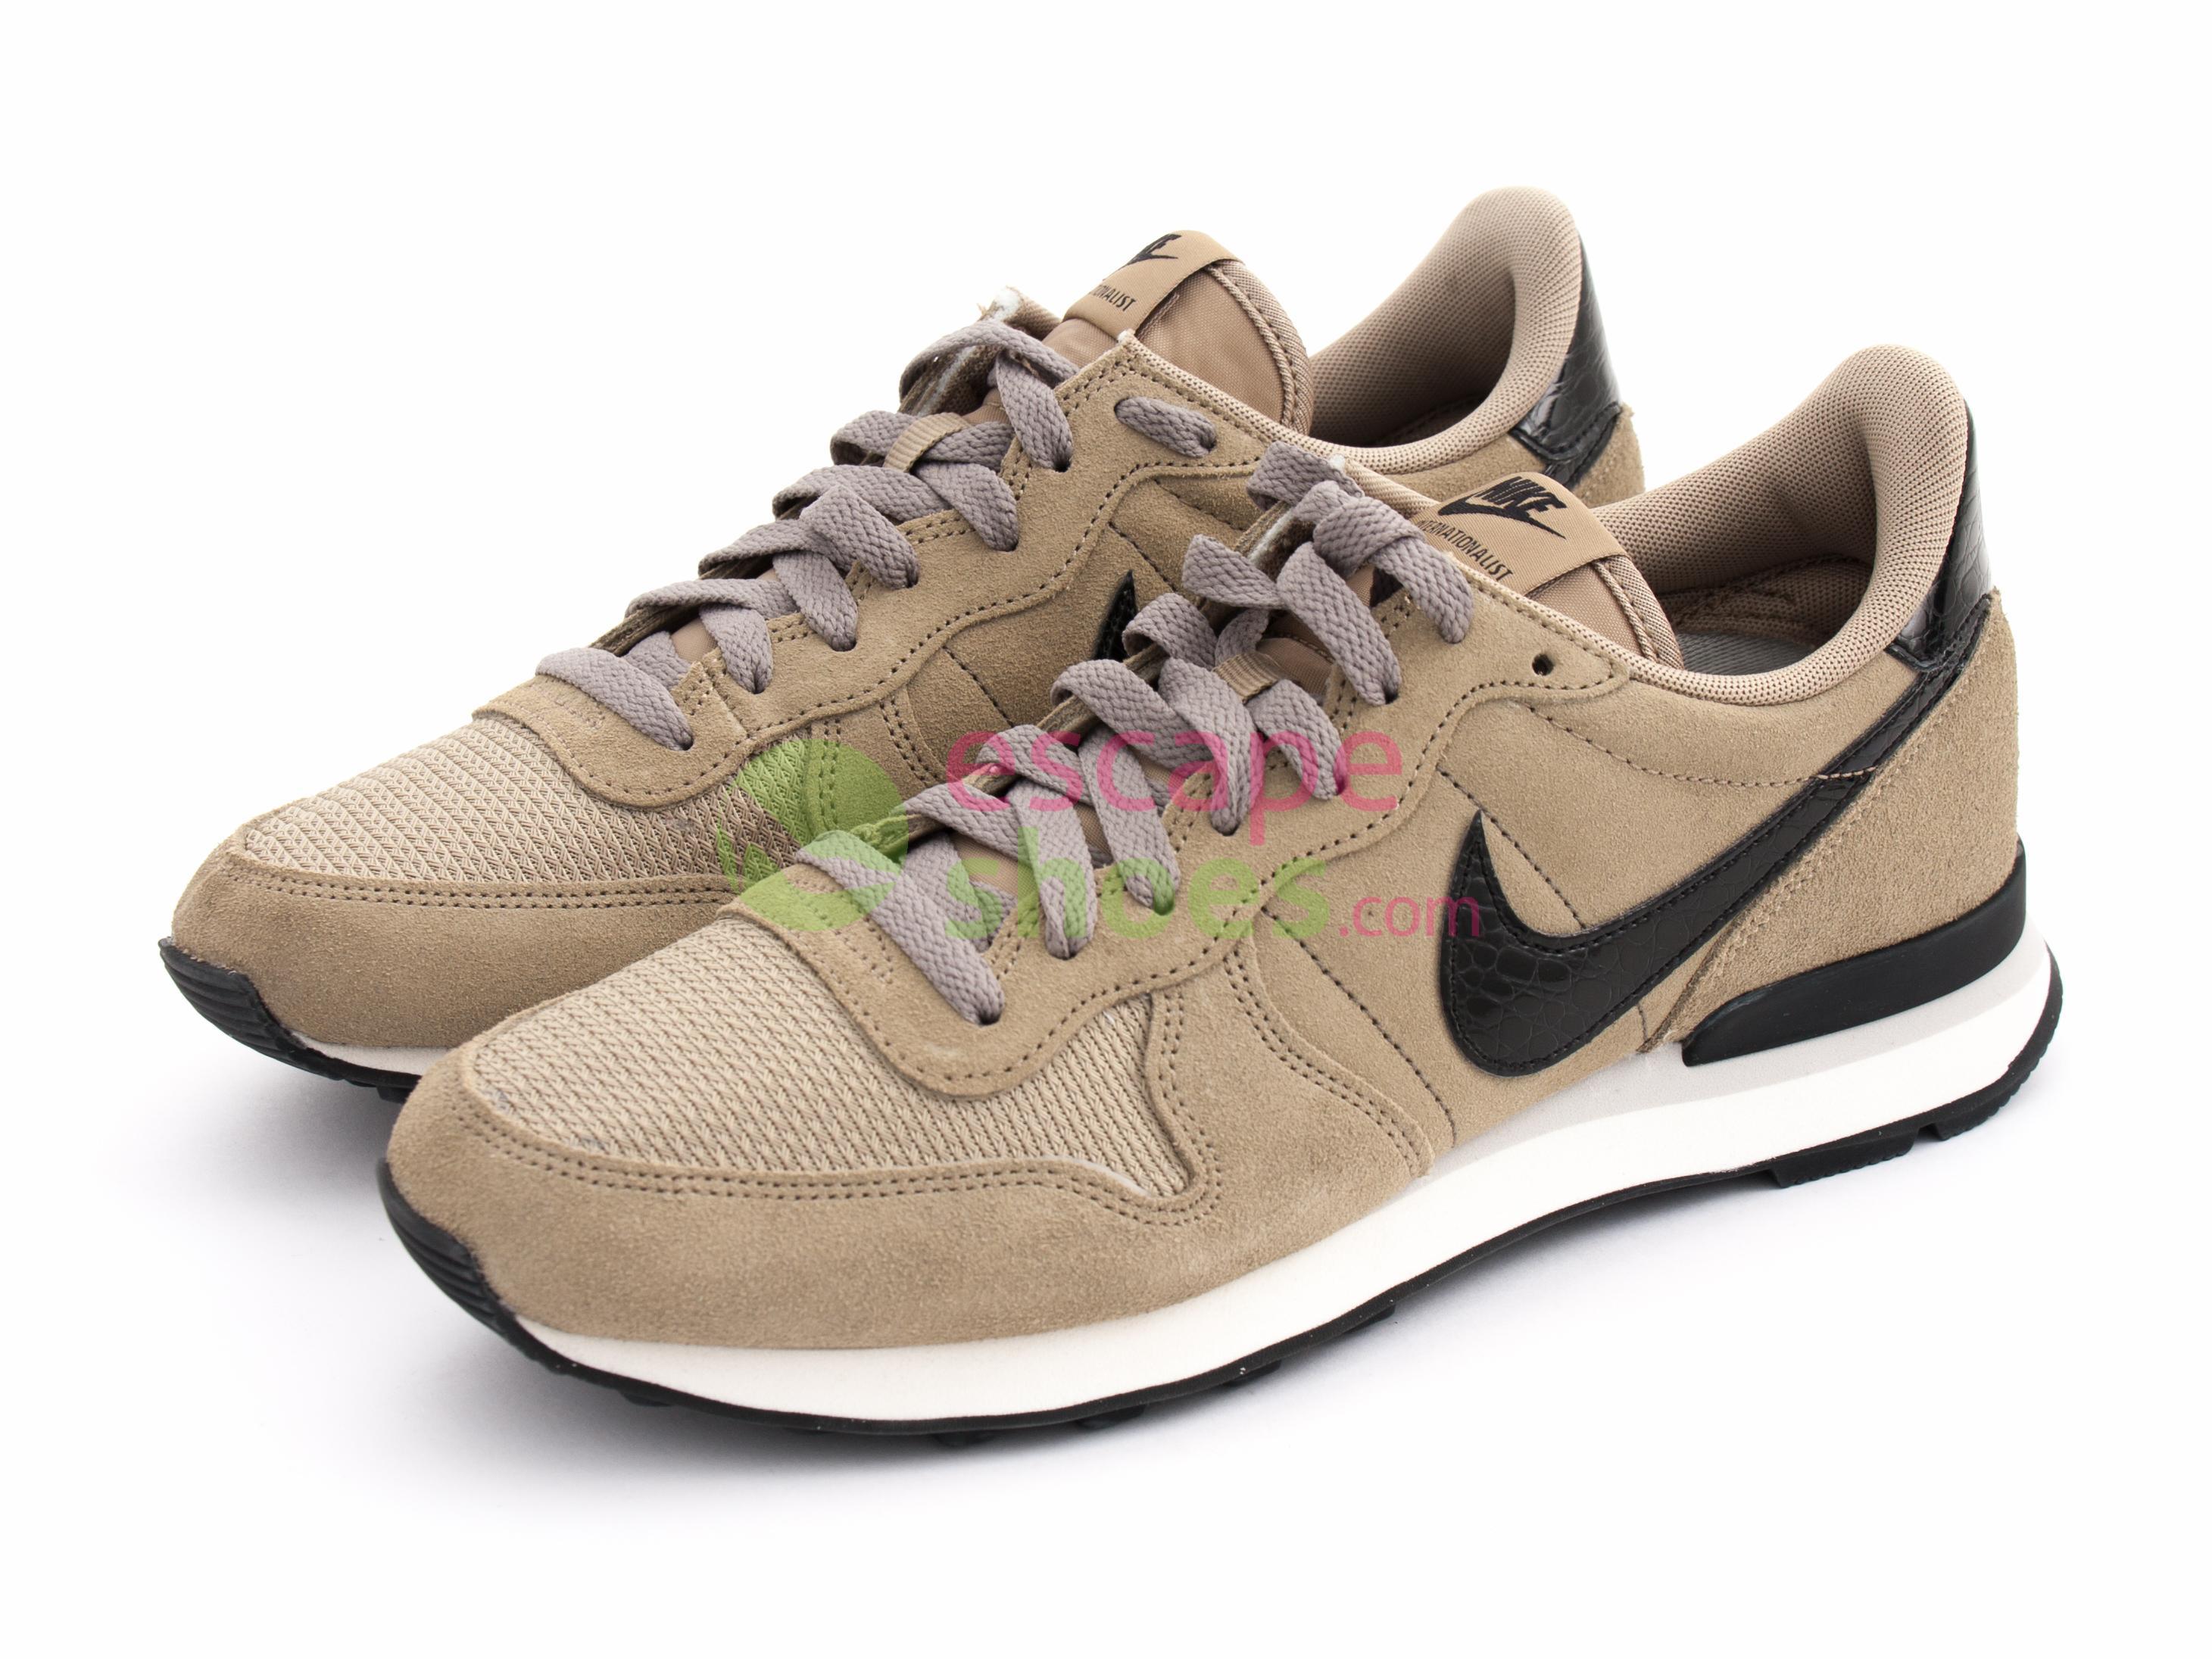 Sneakers NIKE Internationalist Leather Grey 631755 201